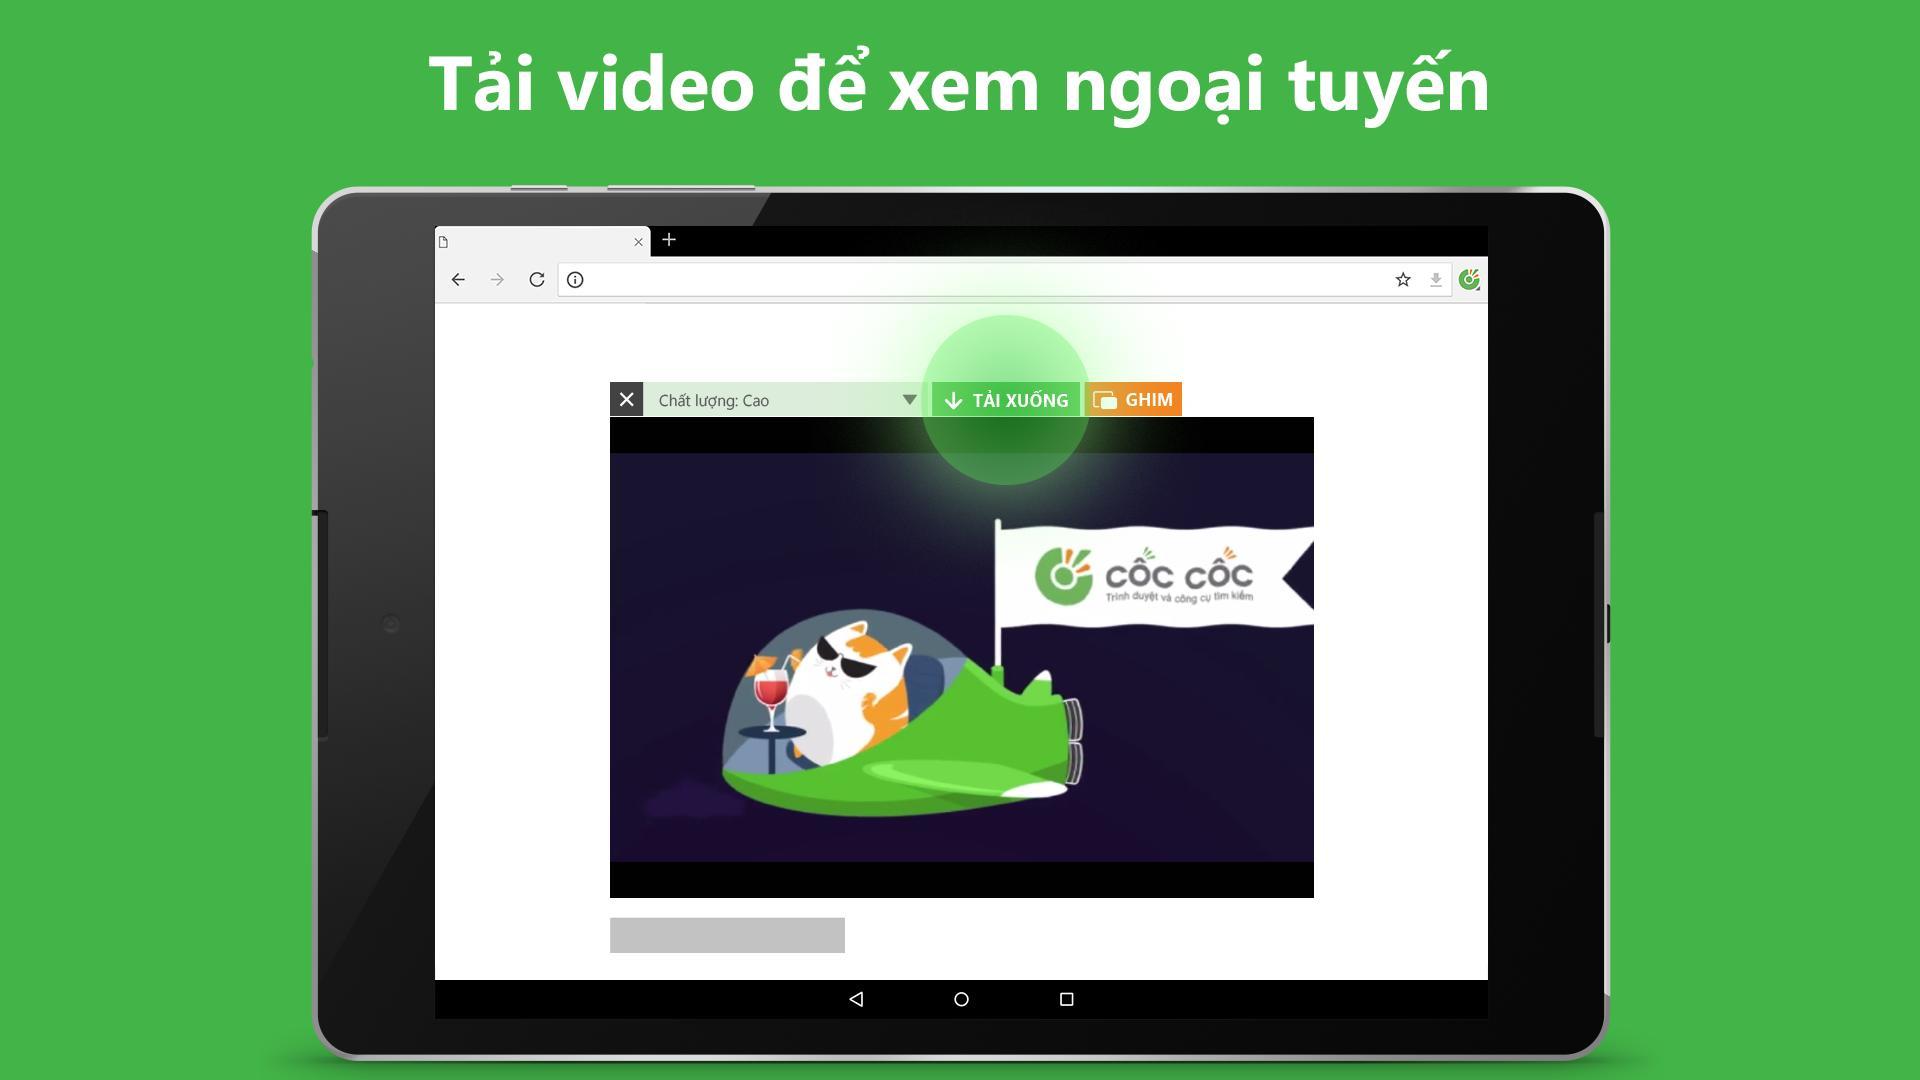 Trình duyệt Cốc Cốc - Duyệt web nhanh & an toàn cho Android - Tải về APK